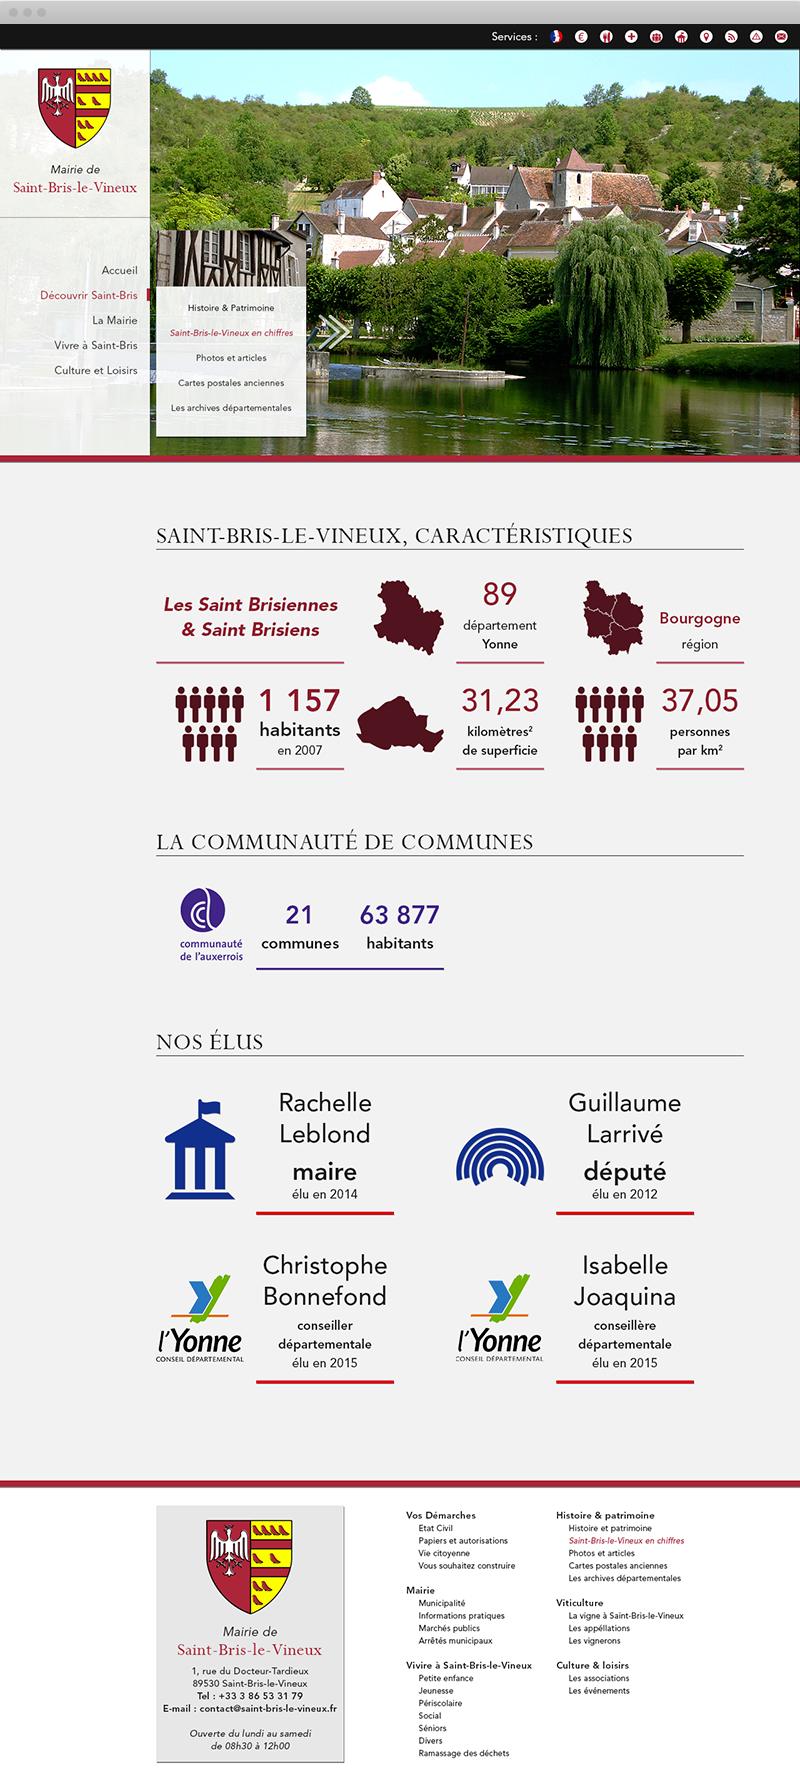 Saint-Bris-Le-Vineux en chiffres